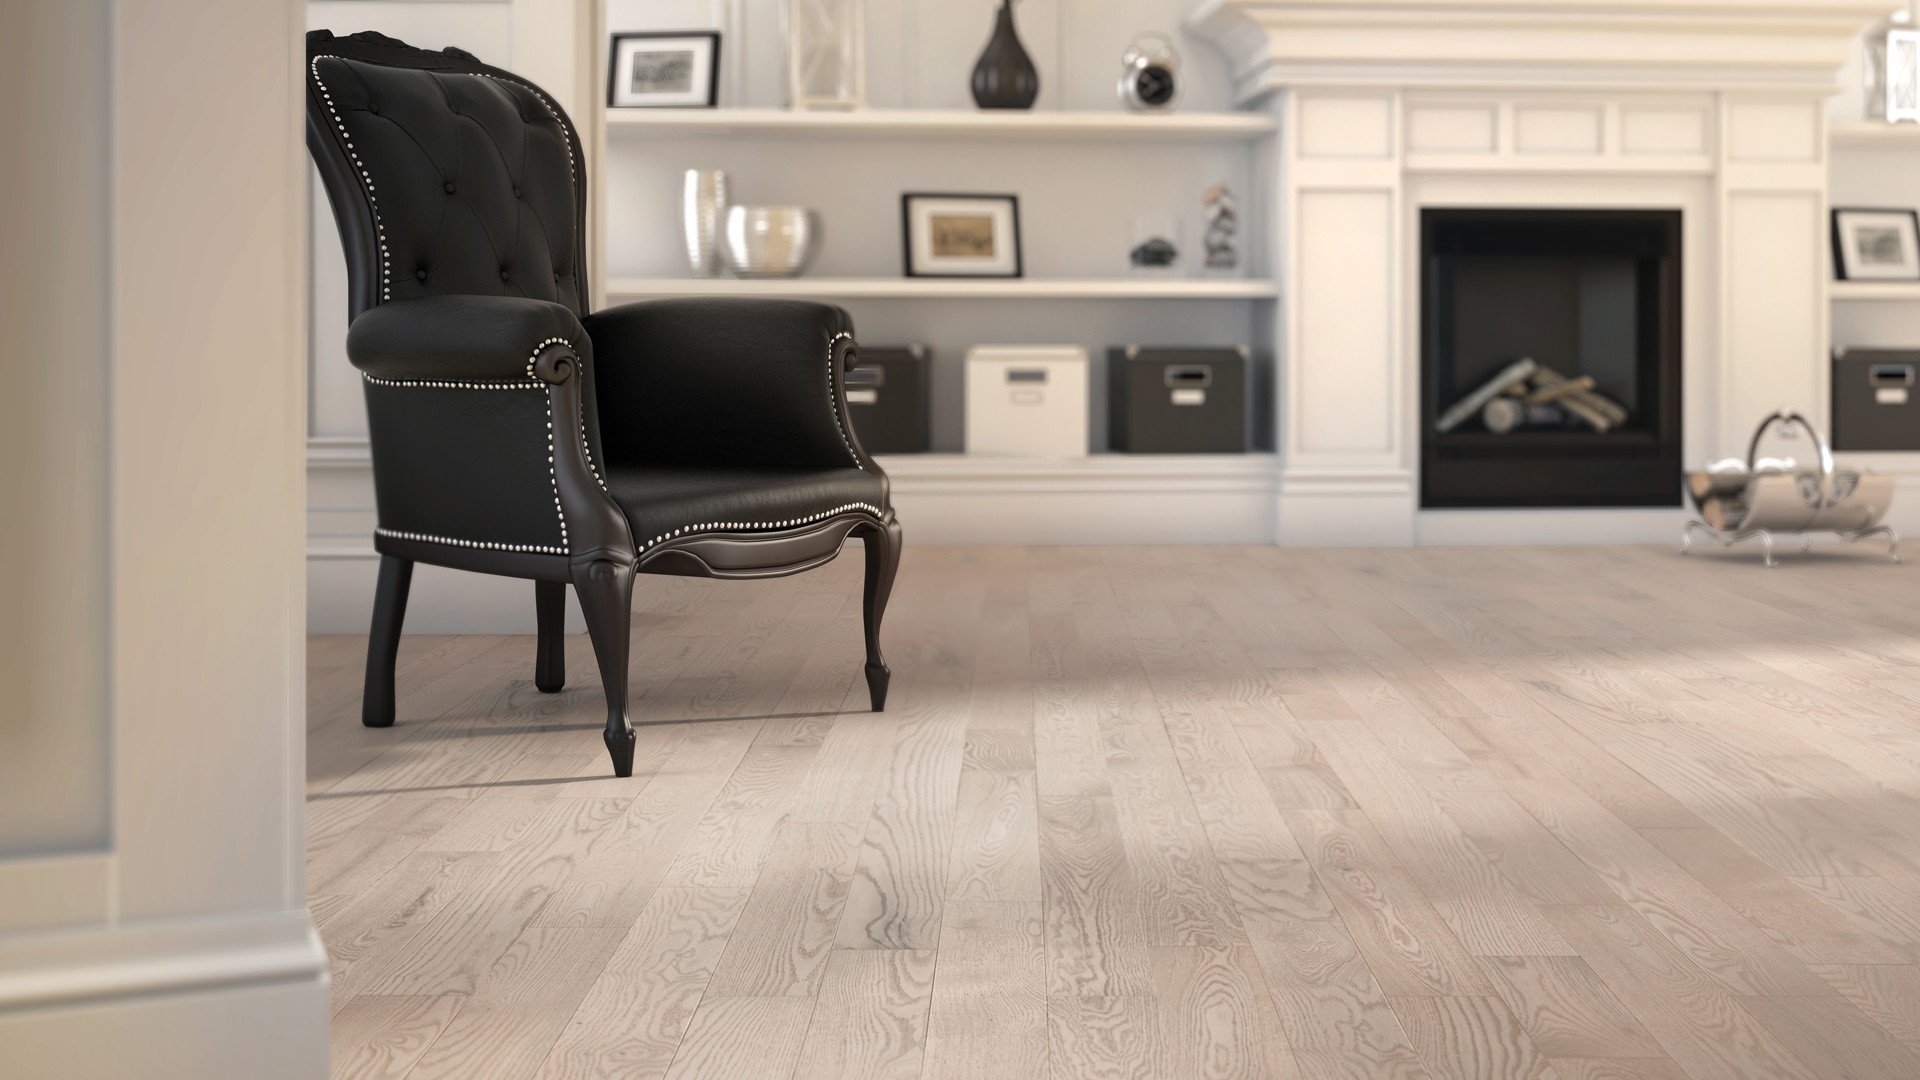 janka hardness scale hardwood flooring of does hardwood floor hardness matter lauzon flooring with 4 plank construction where do engineered hardwoods stand on the janka hardness scale